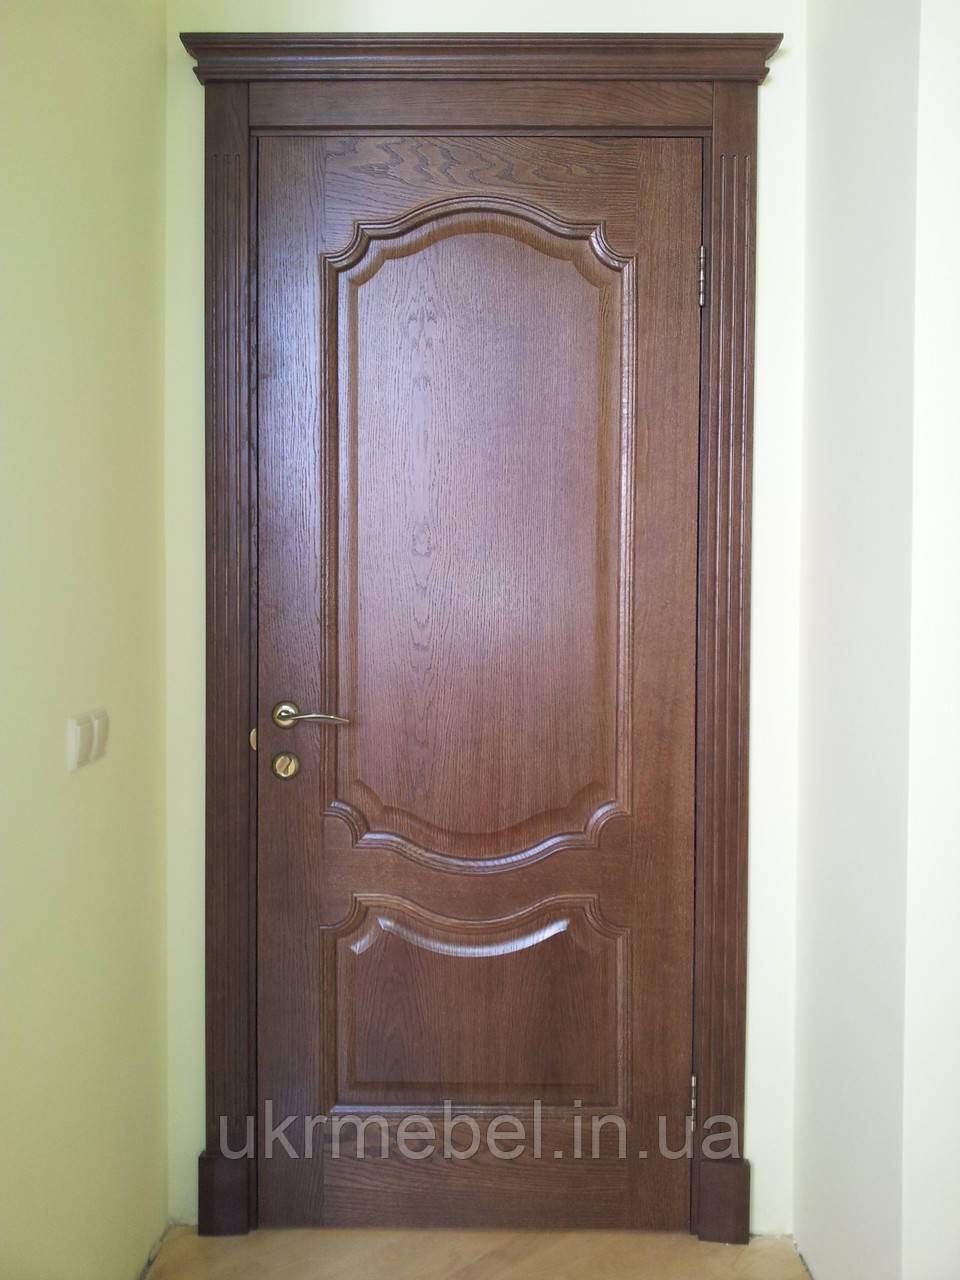 Изготовление деревянных дверей. Двери из дерева под заказ. Деревянные двери под заказ.Деревянные арочные двери